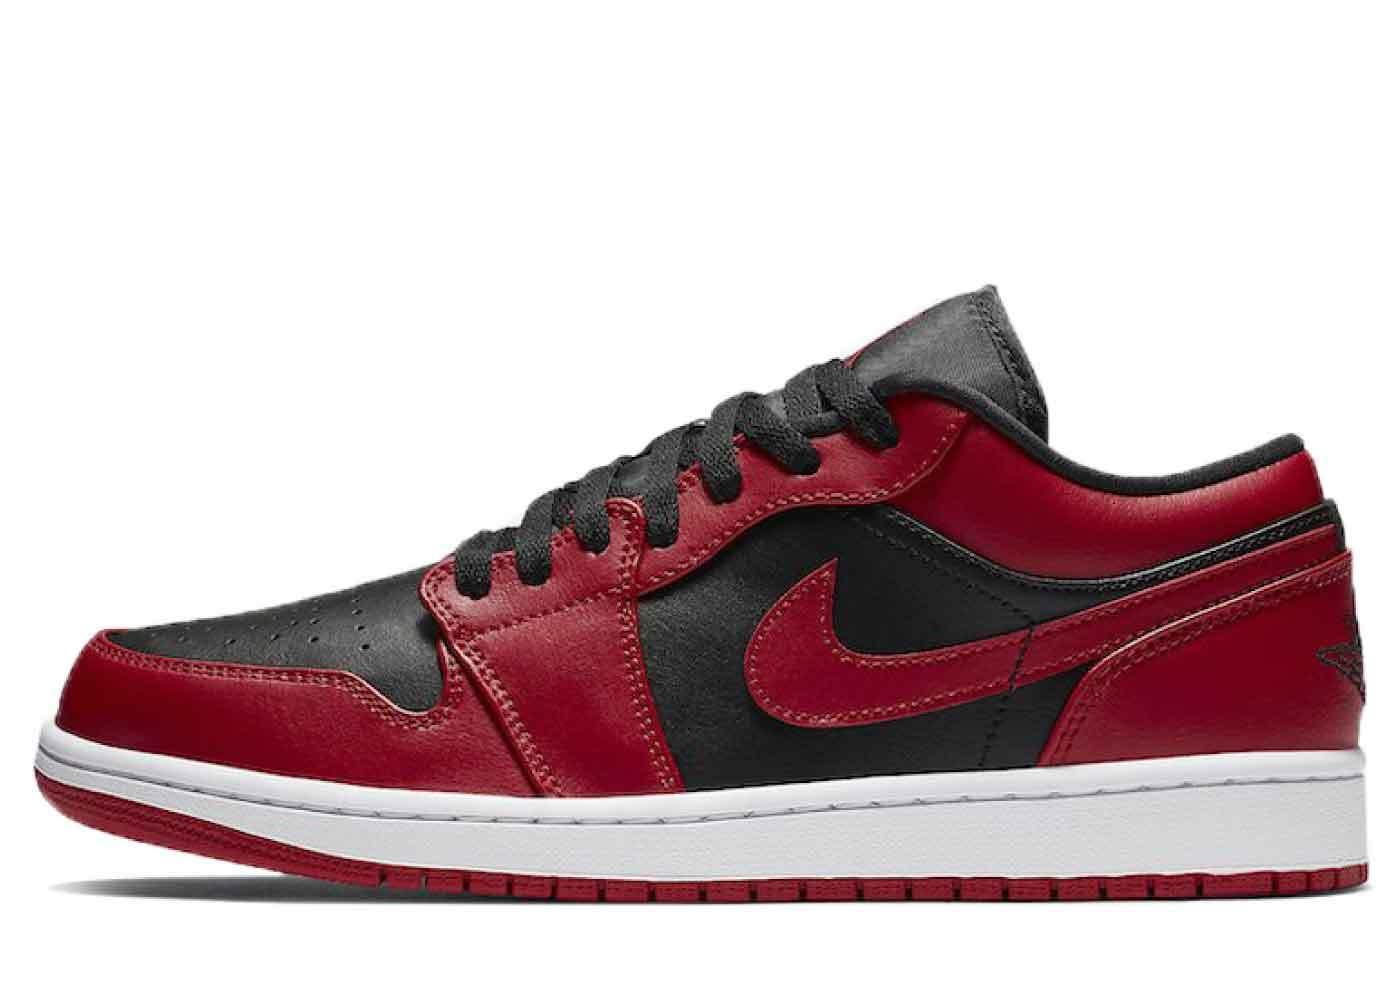 Nike Air Jordan 1 Low Varsity Redの写真